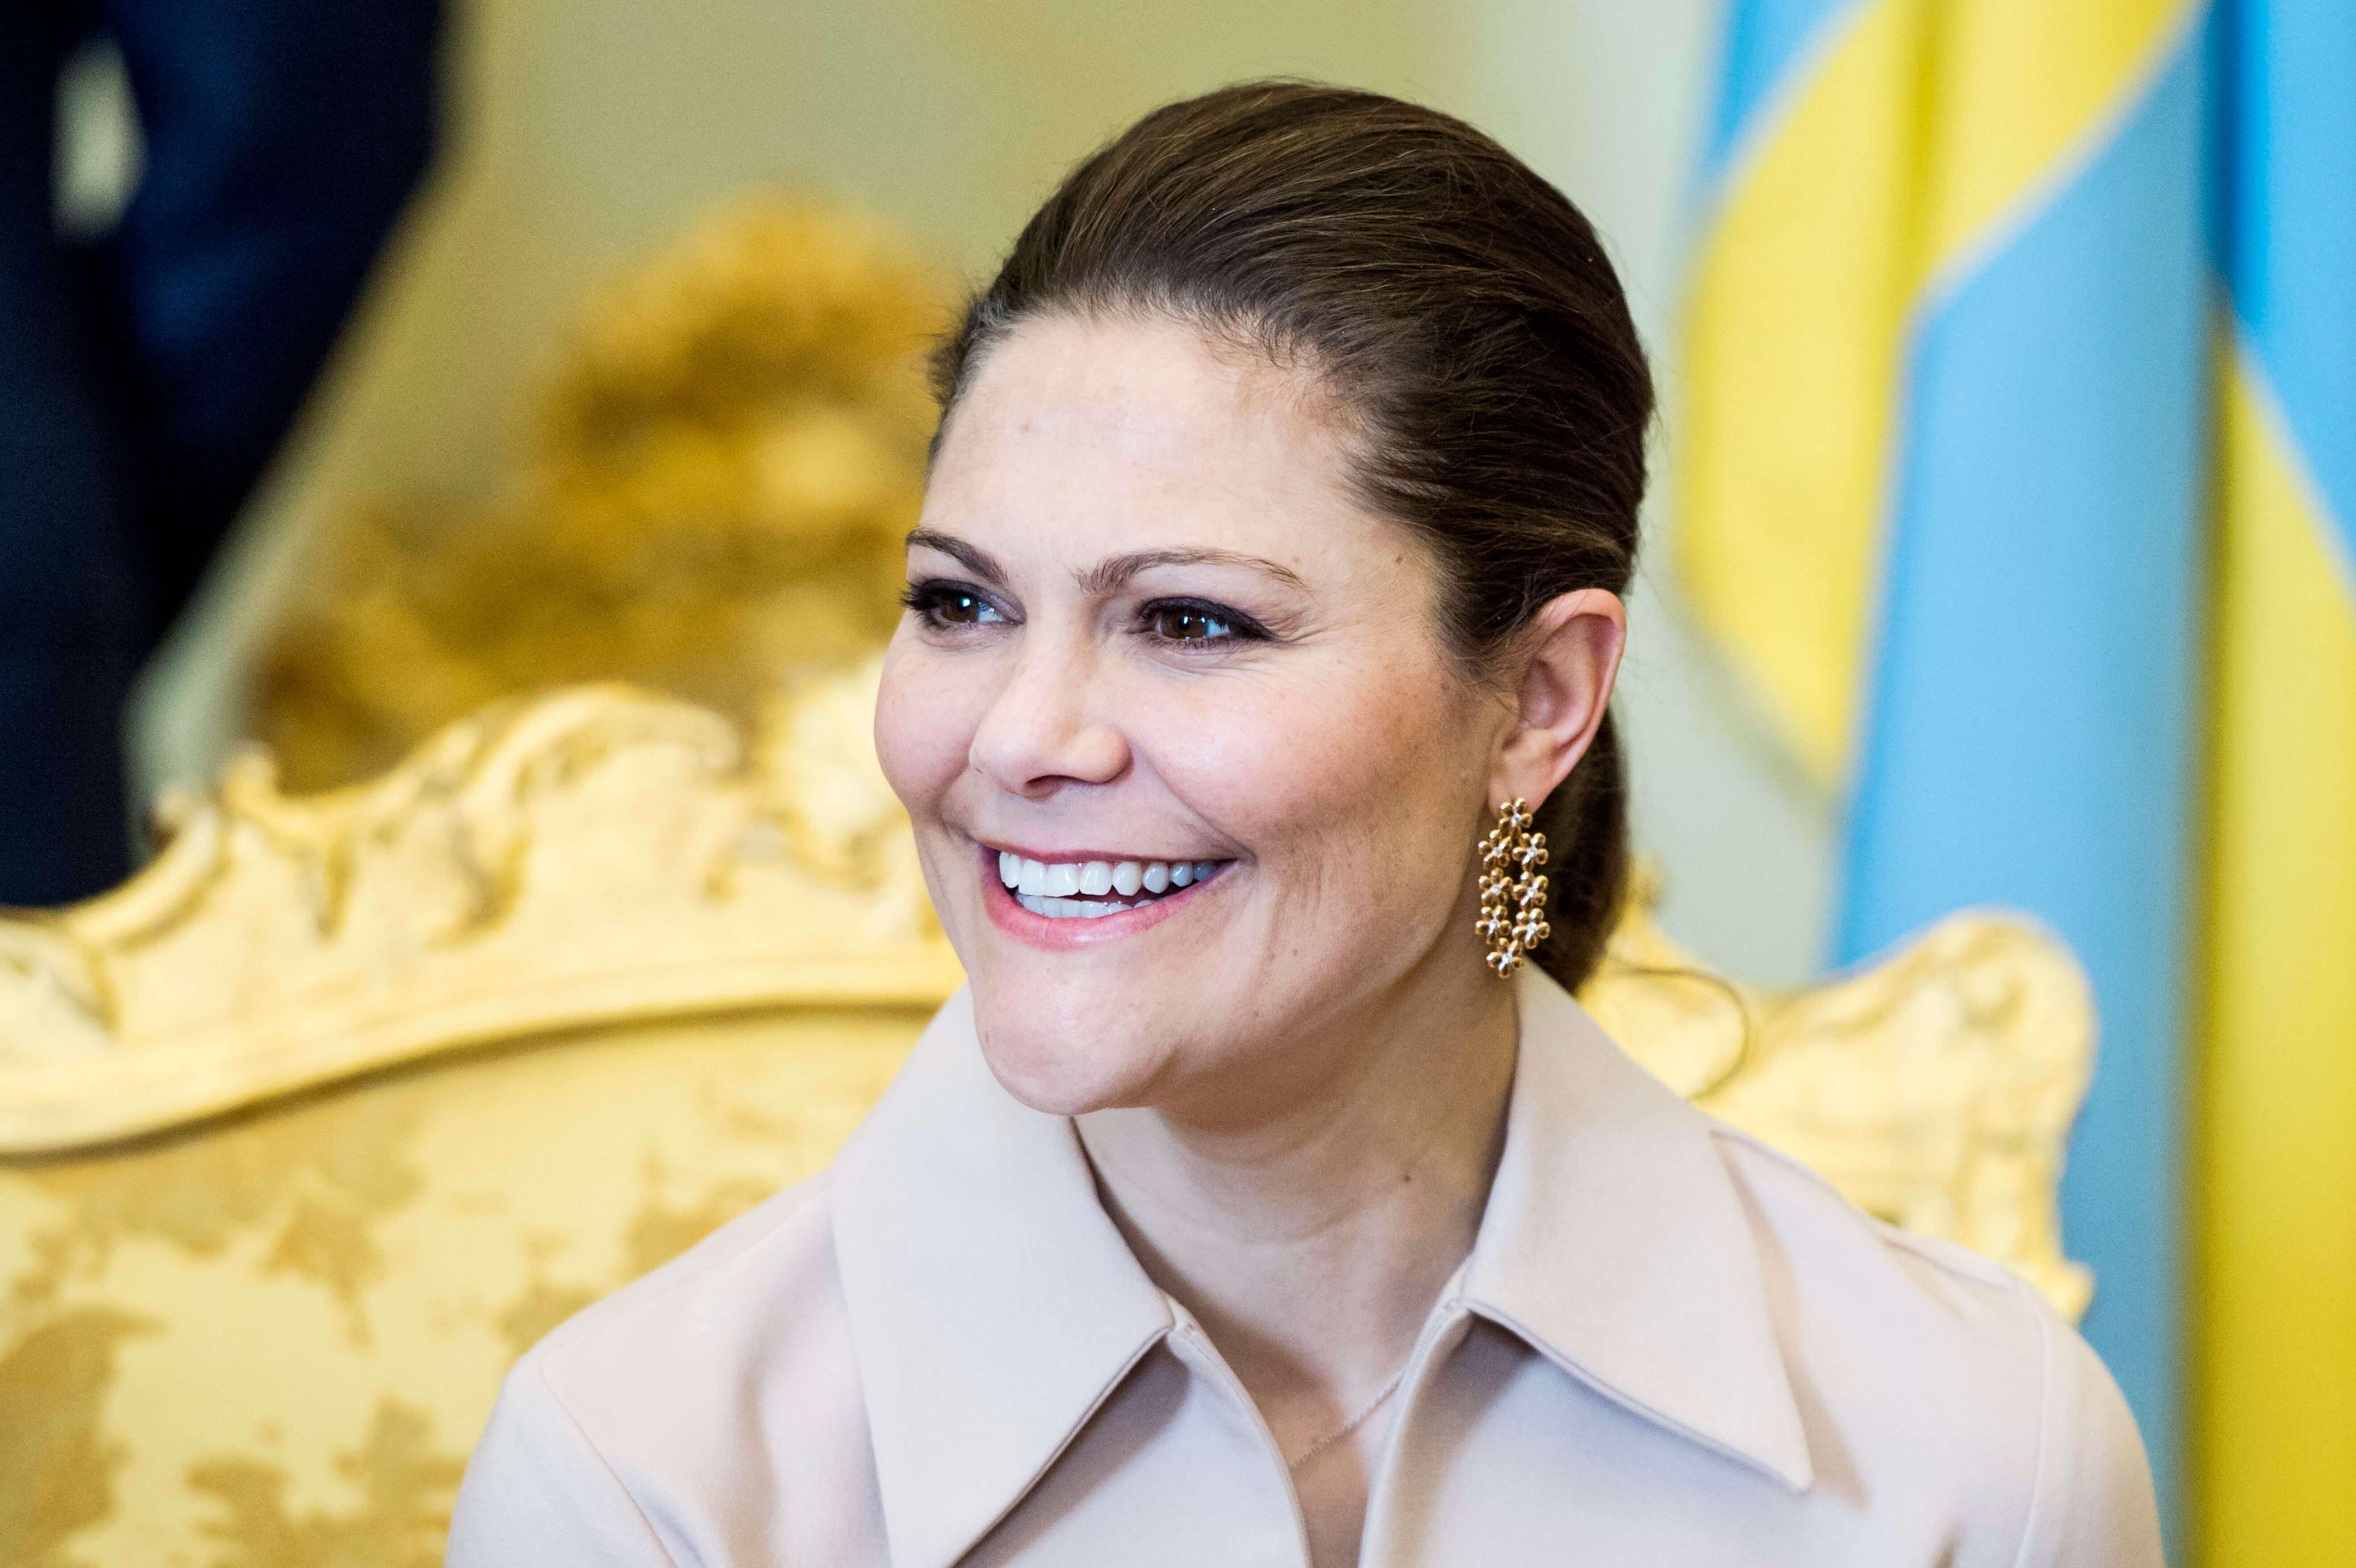 Kronprinzessin Victoria: Diese Glücks-Nachricht lässt sie strahlen